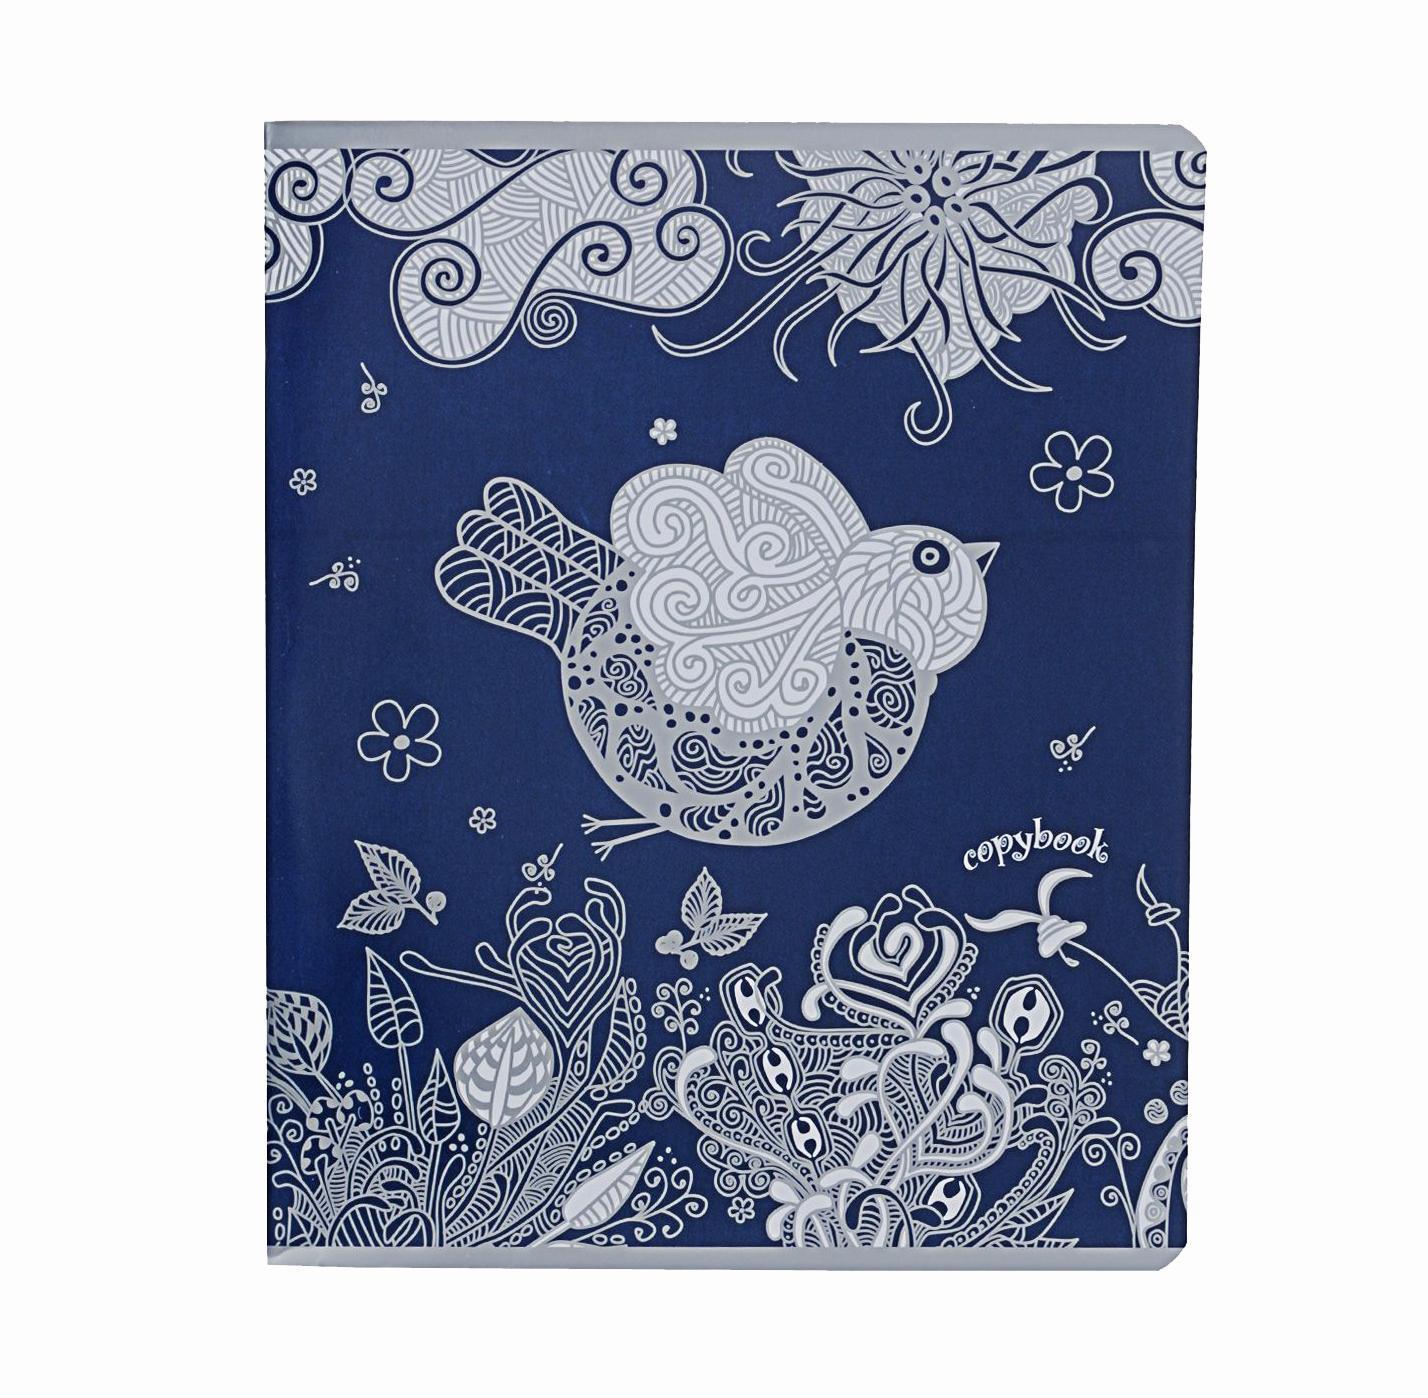 Тетрадь, 96л Сказочные птицы, цвет: синий37603 синийтетрадь,96л Сказочные птицы, цвет: синий